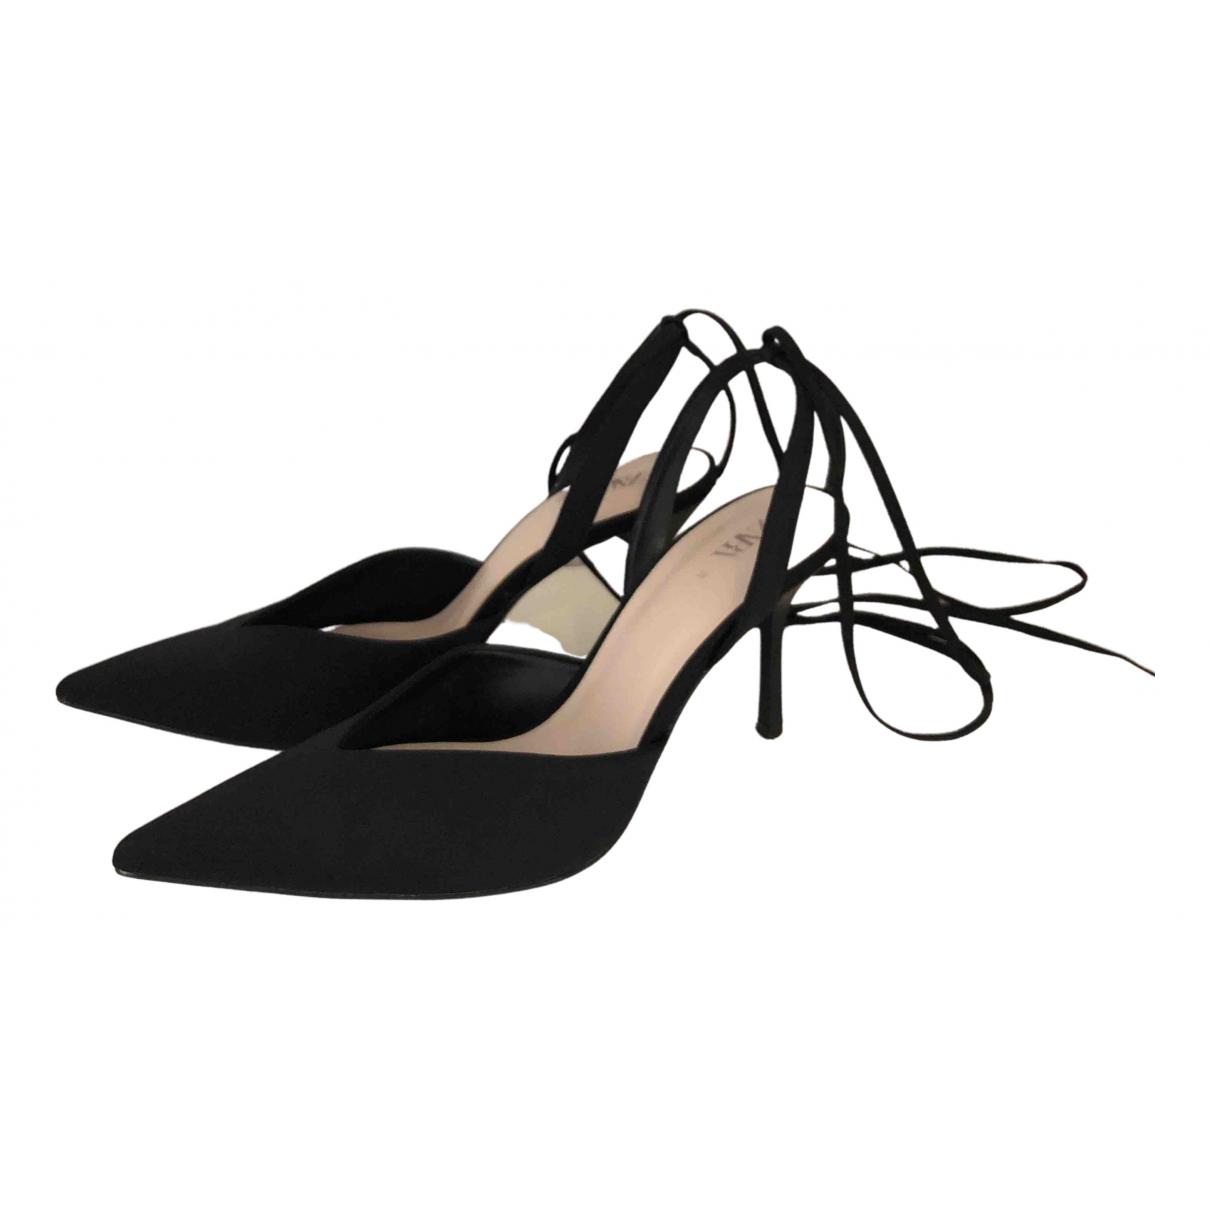 Zara - Sandales   pour femme en toile - noir